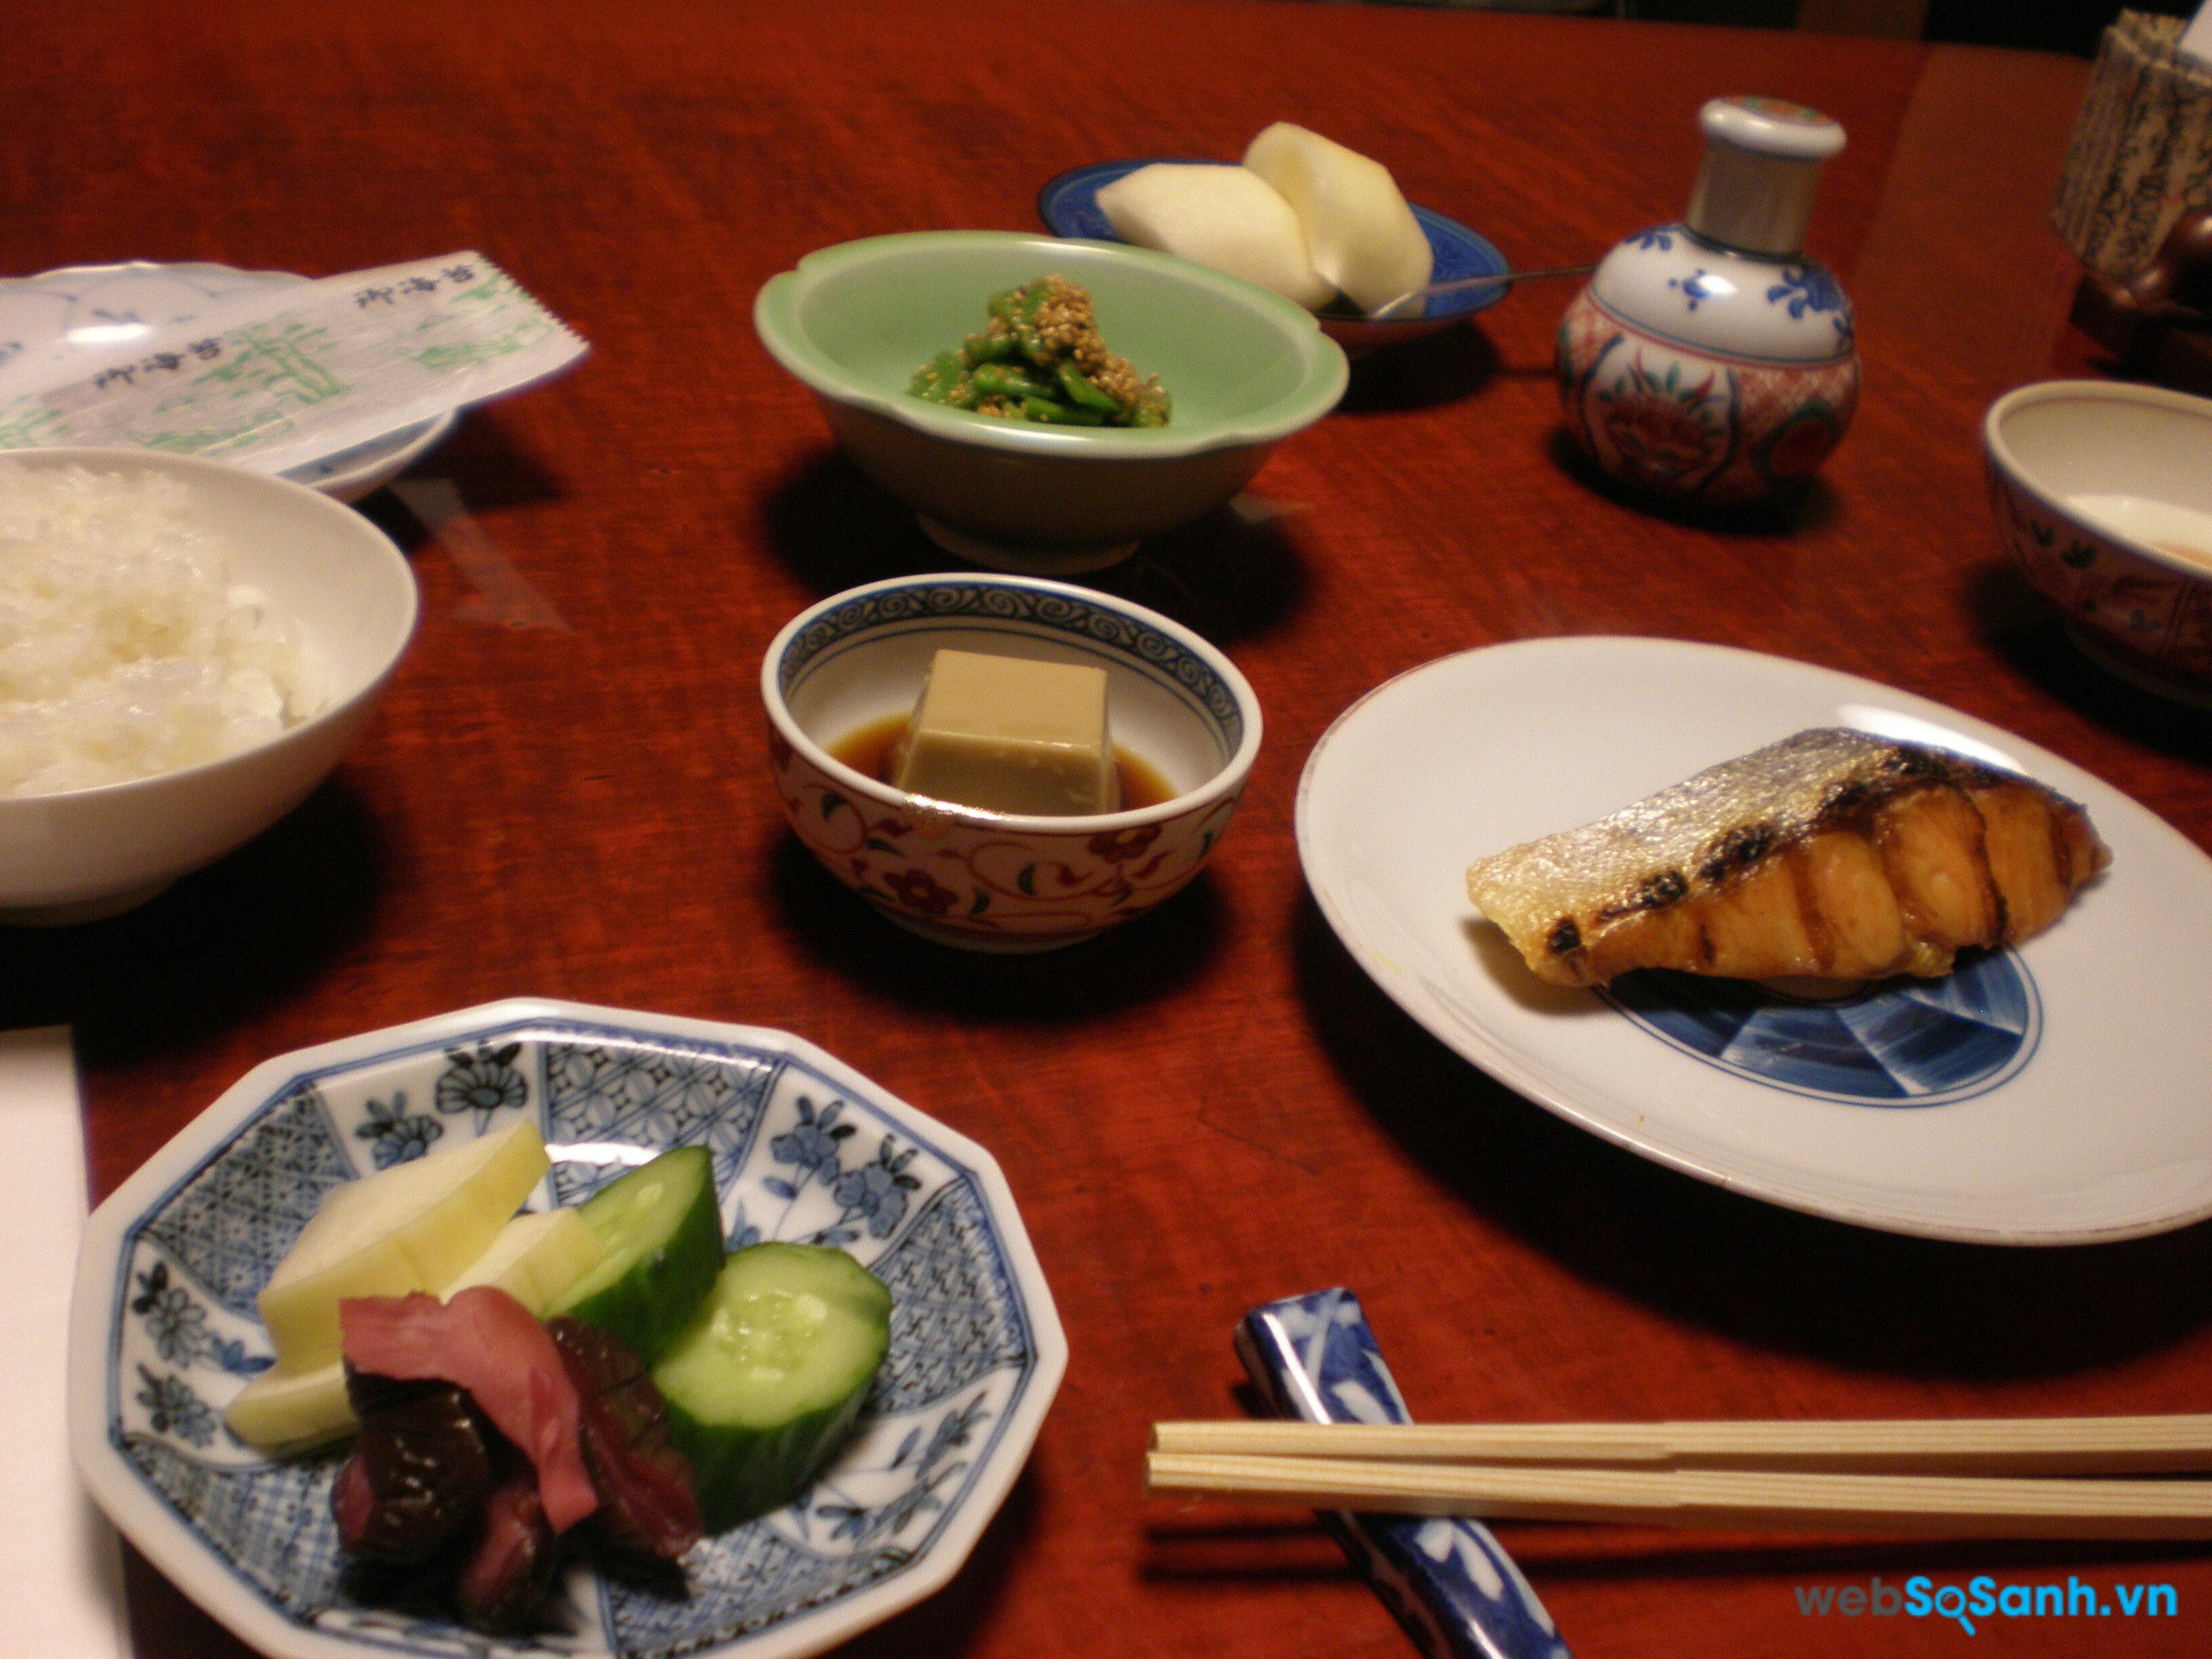 Trong bữa ăn của người Nhật, bạn không được dùng đũa để gắp thức ăn sang bát người khác